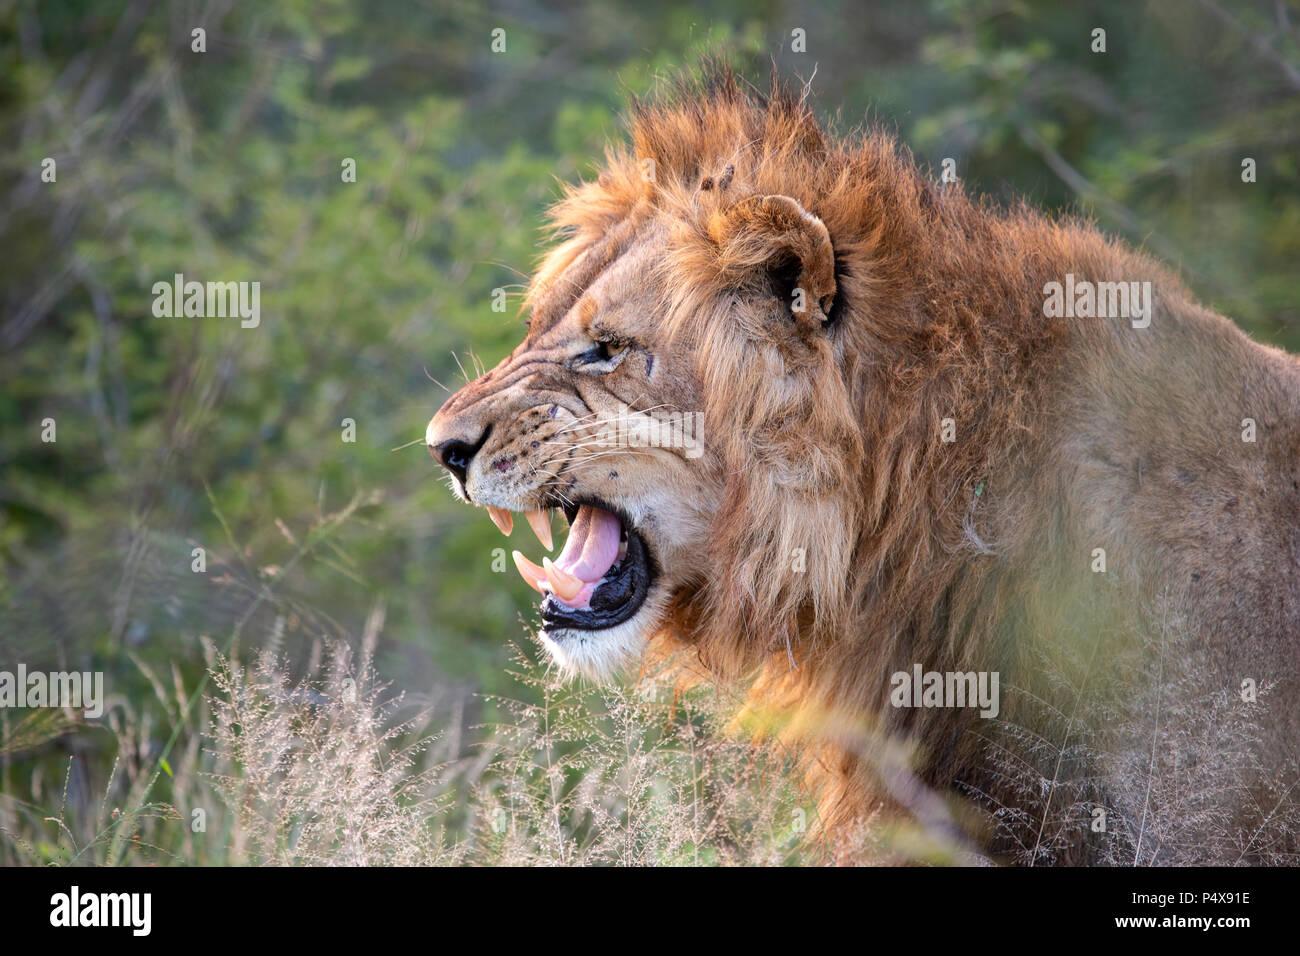 Close up portrait de profil de l'homme lion Panthera leo grondant et baring teeth Photo Stock